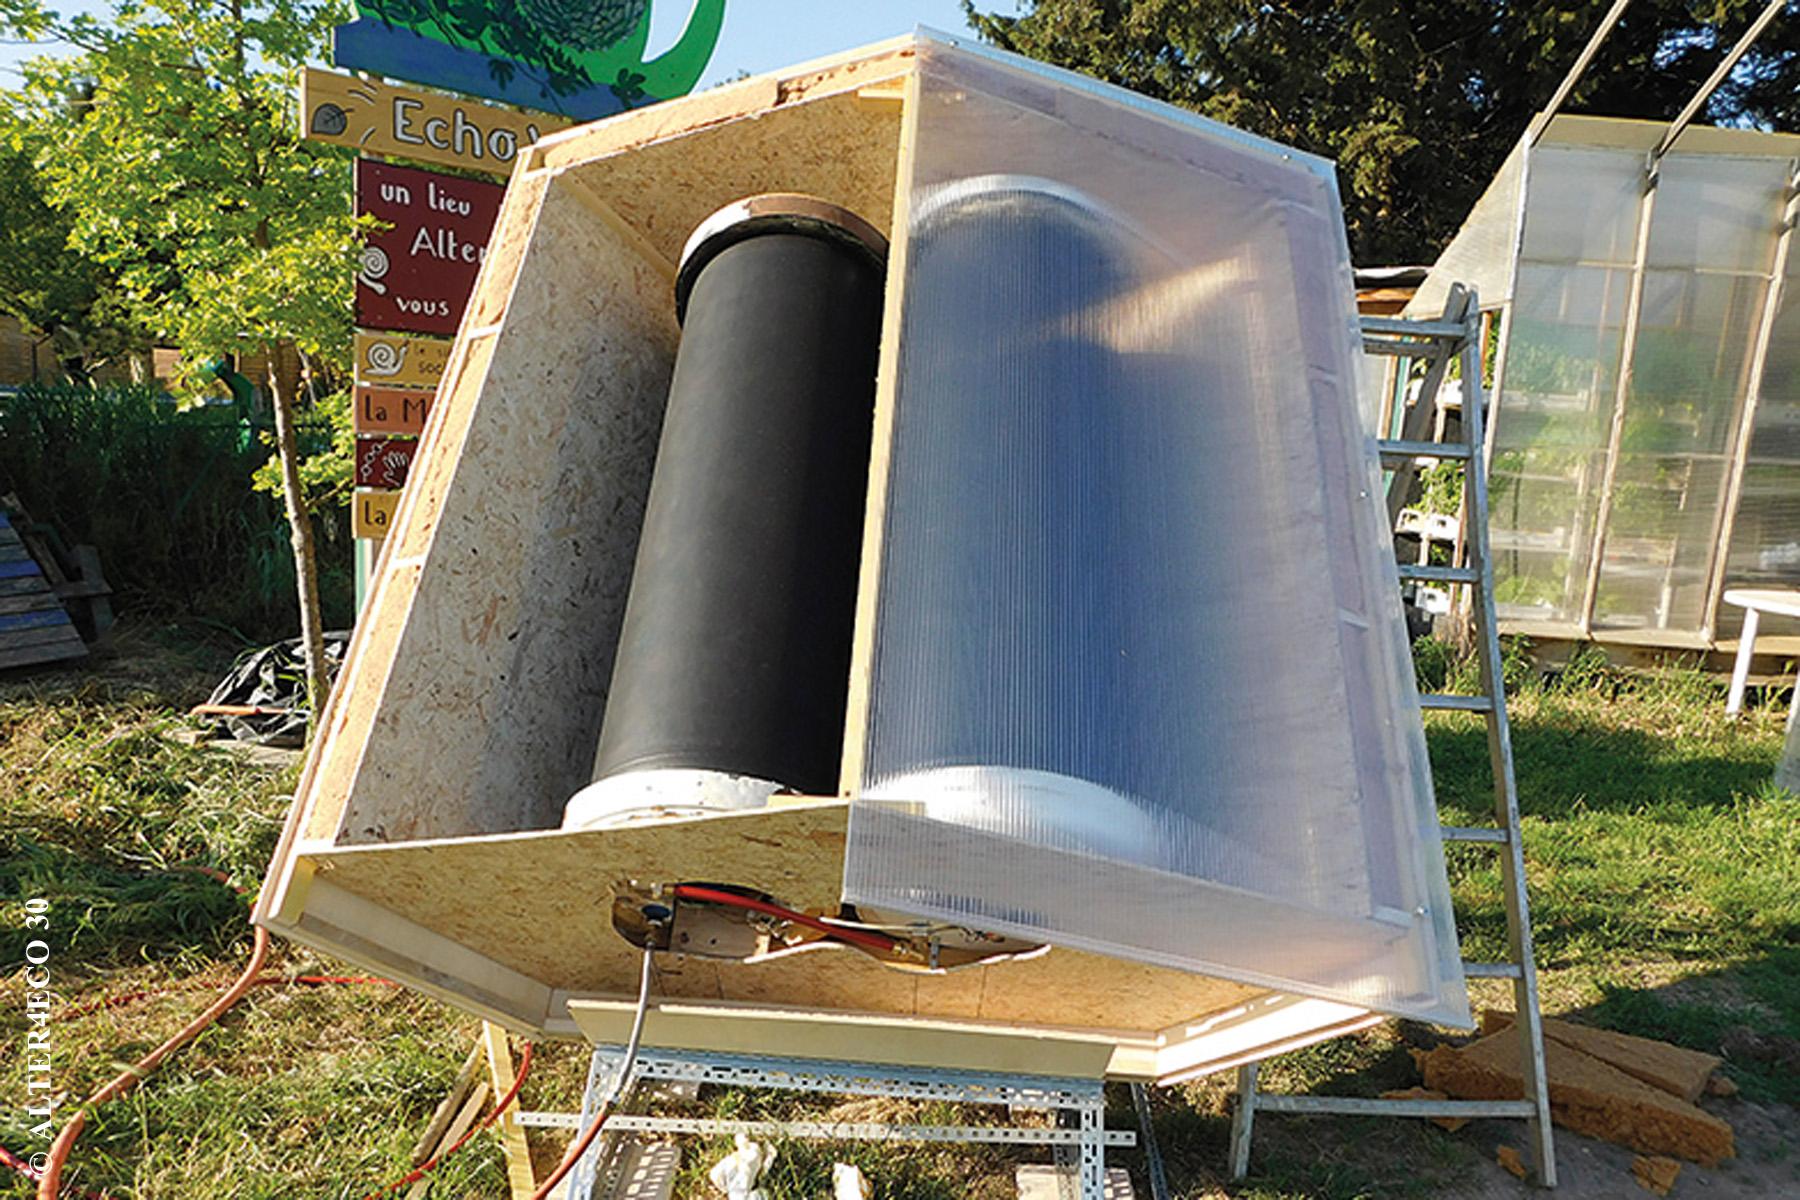 fabriquer un chauffe-eau solaire